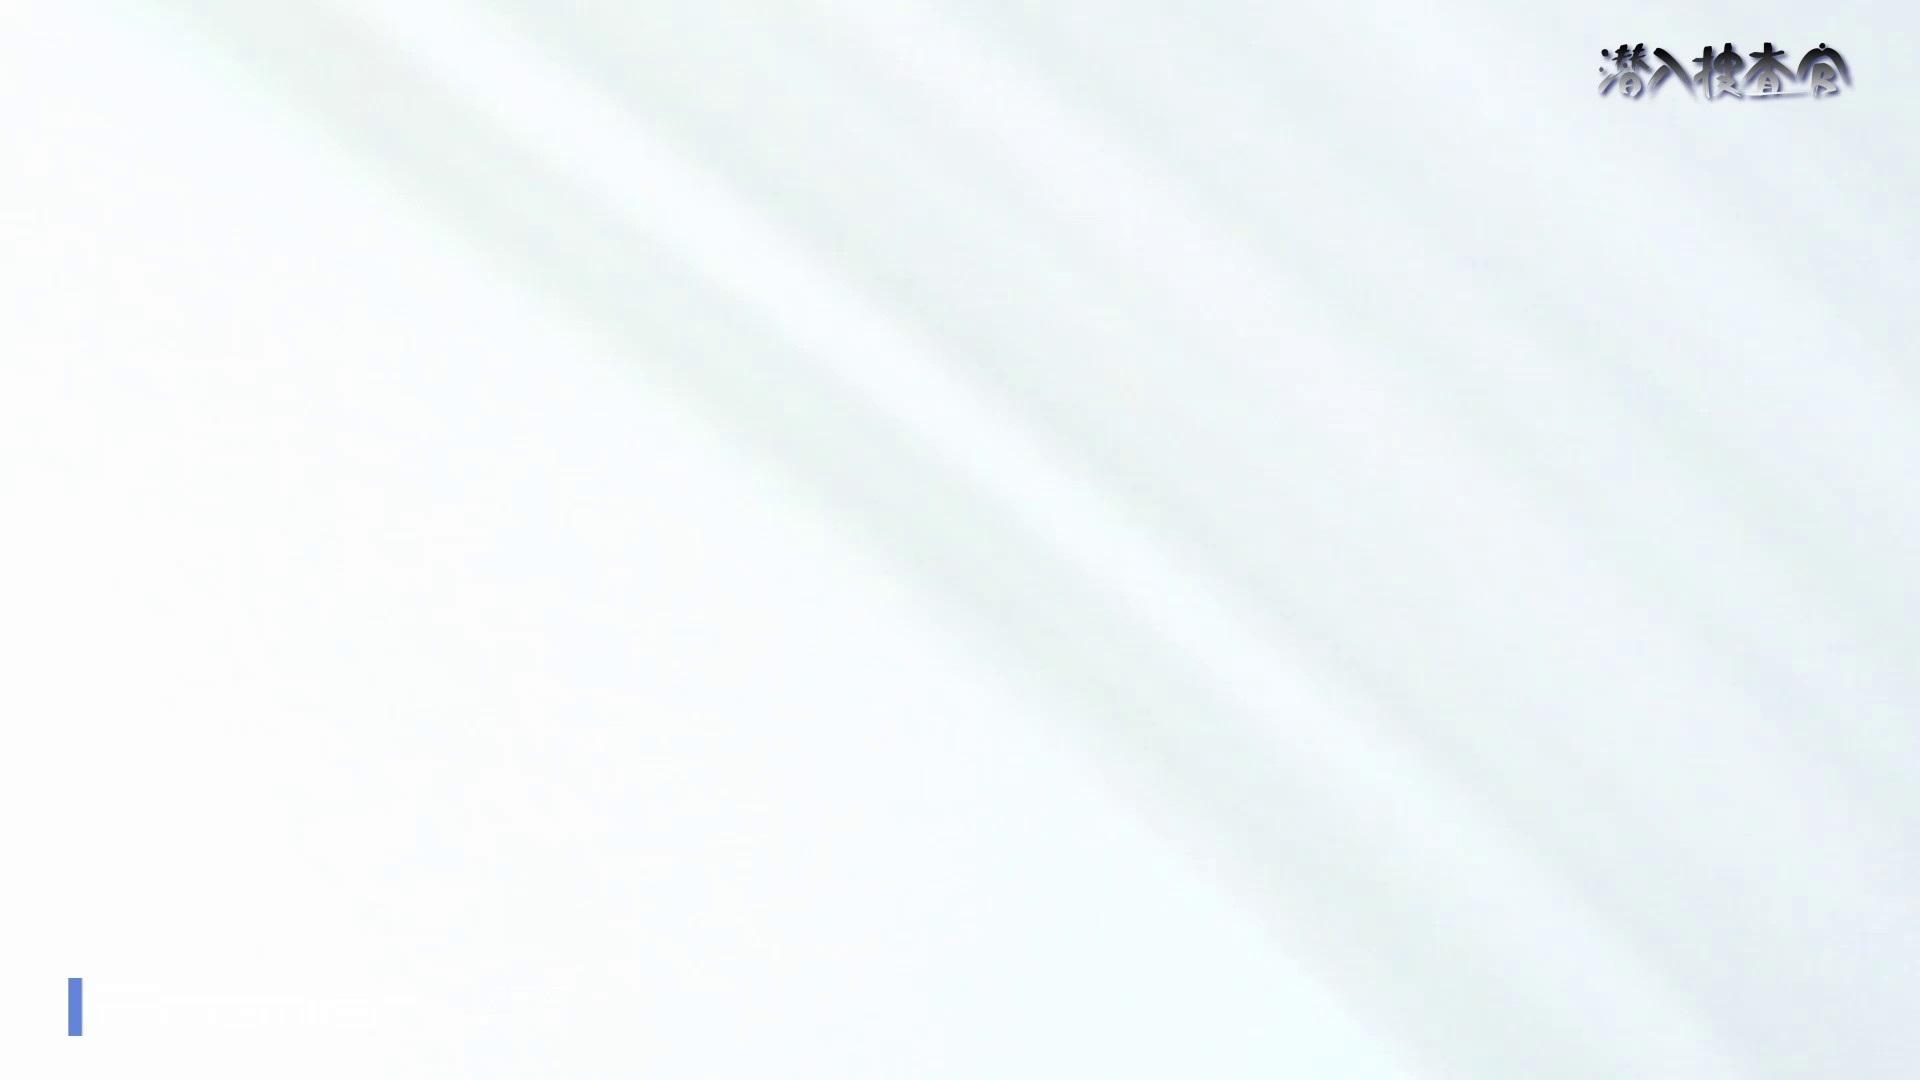 下からノゾム vol.041 携帯に夢中、後ろに居るカメラはやりたい放題! 盗撮映像大放出 オマンコ動画キャプチャ 71連発 8